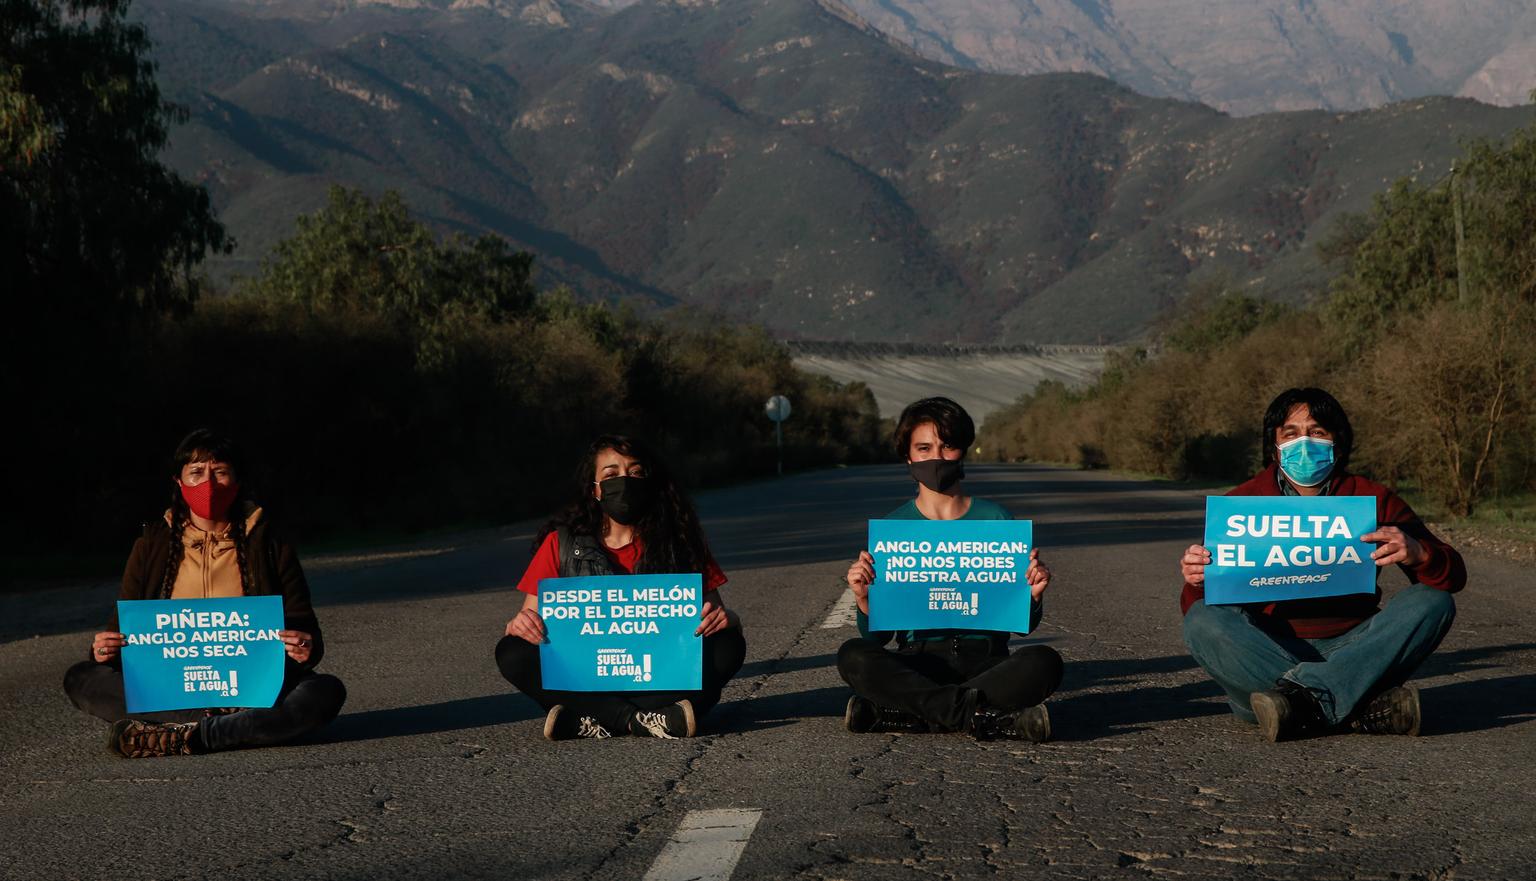 Corte Suprema falló a favor de vecinos de Nogales en recurso contra minera Anglo American por acceso al agua